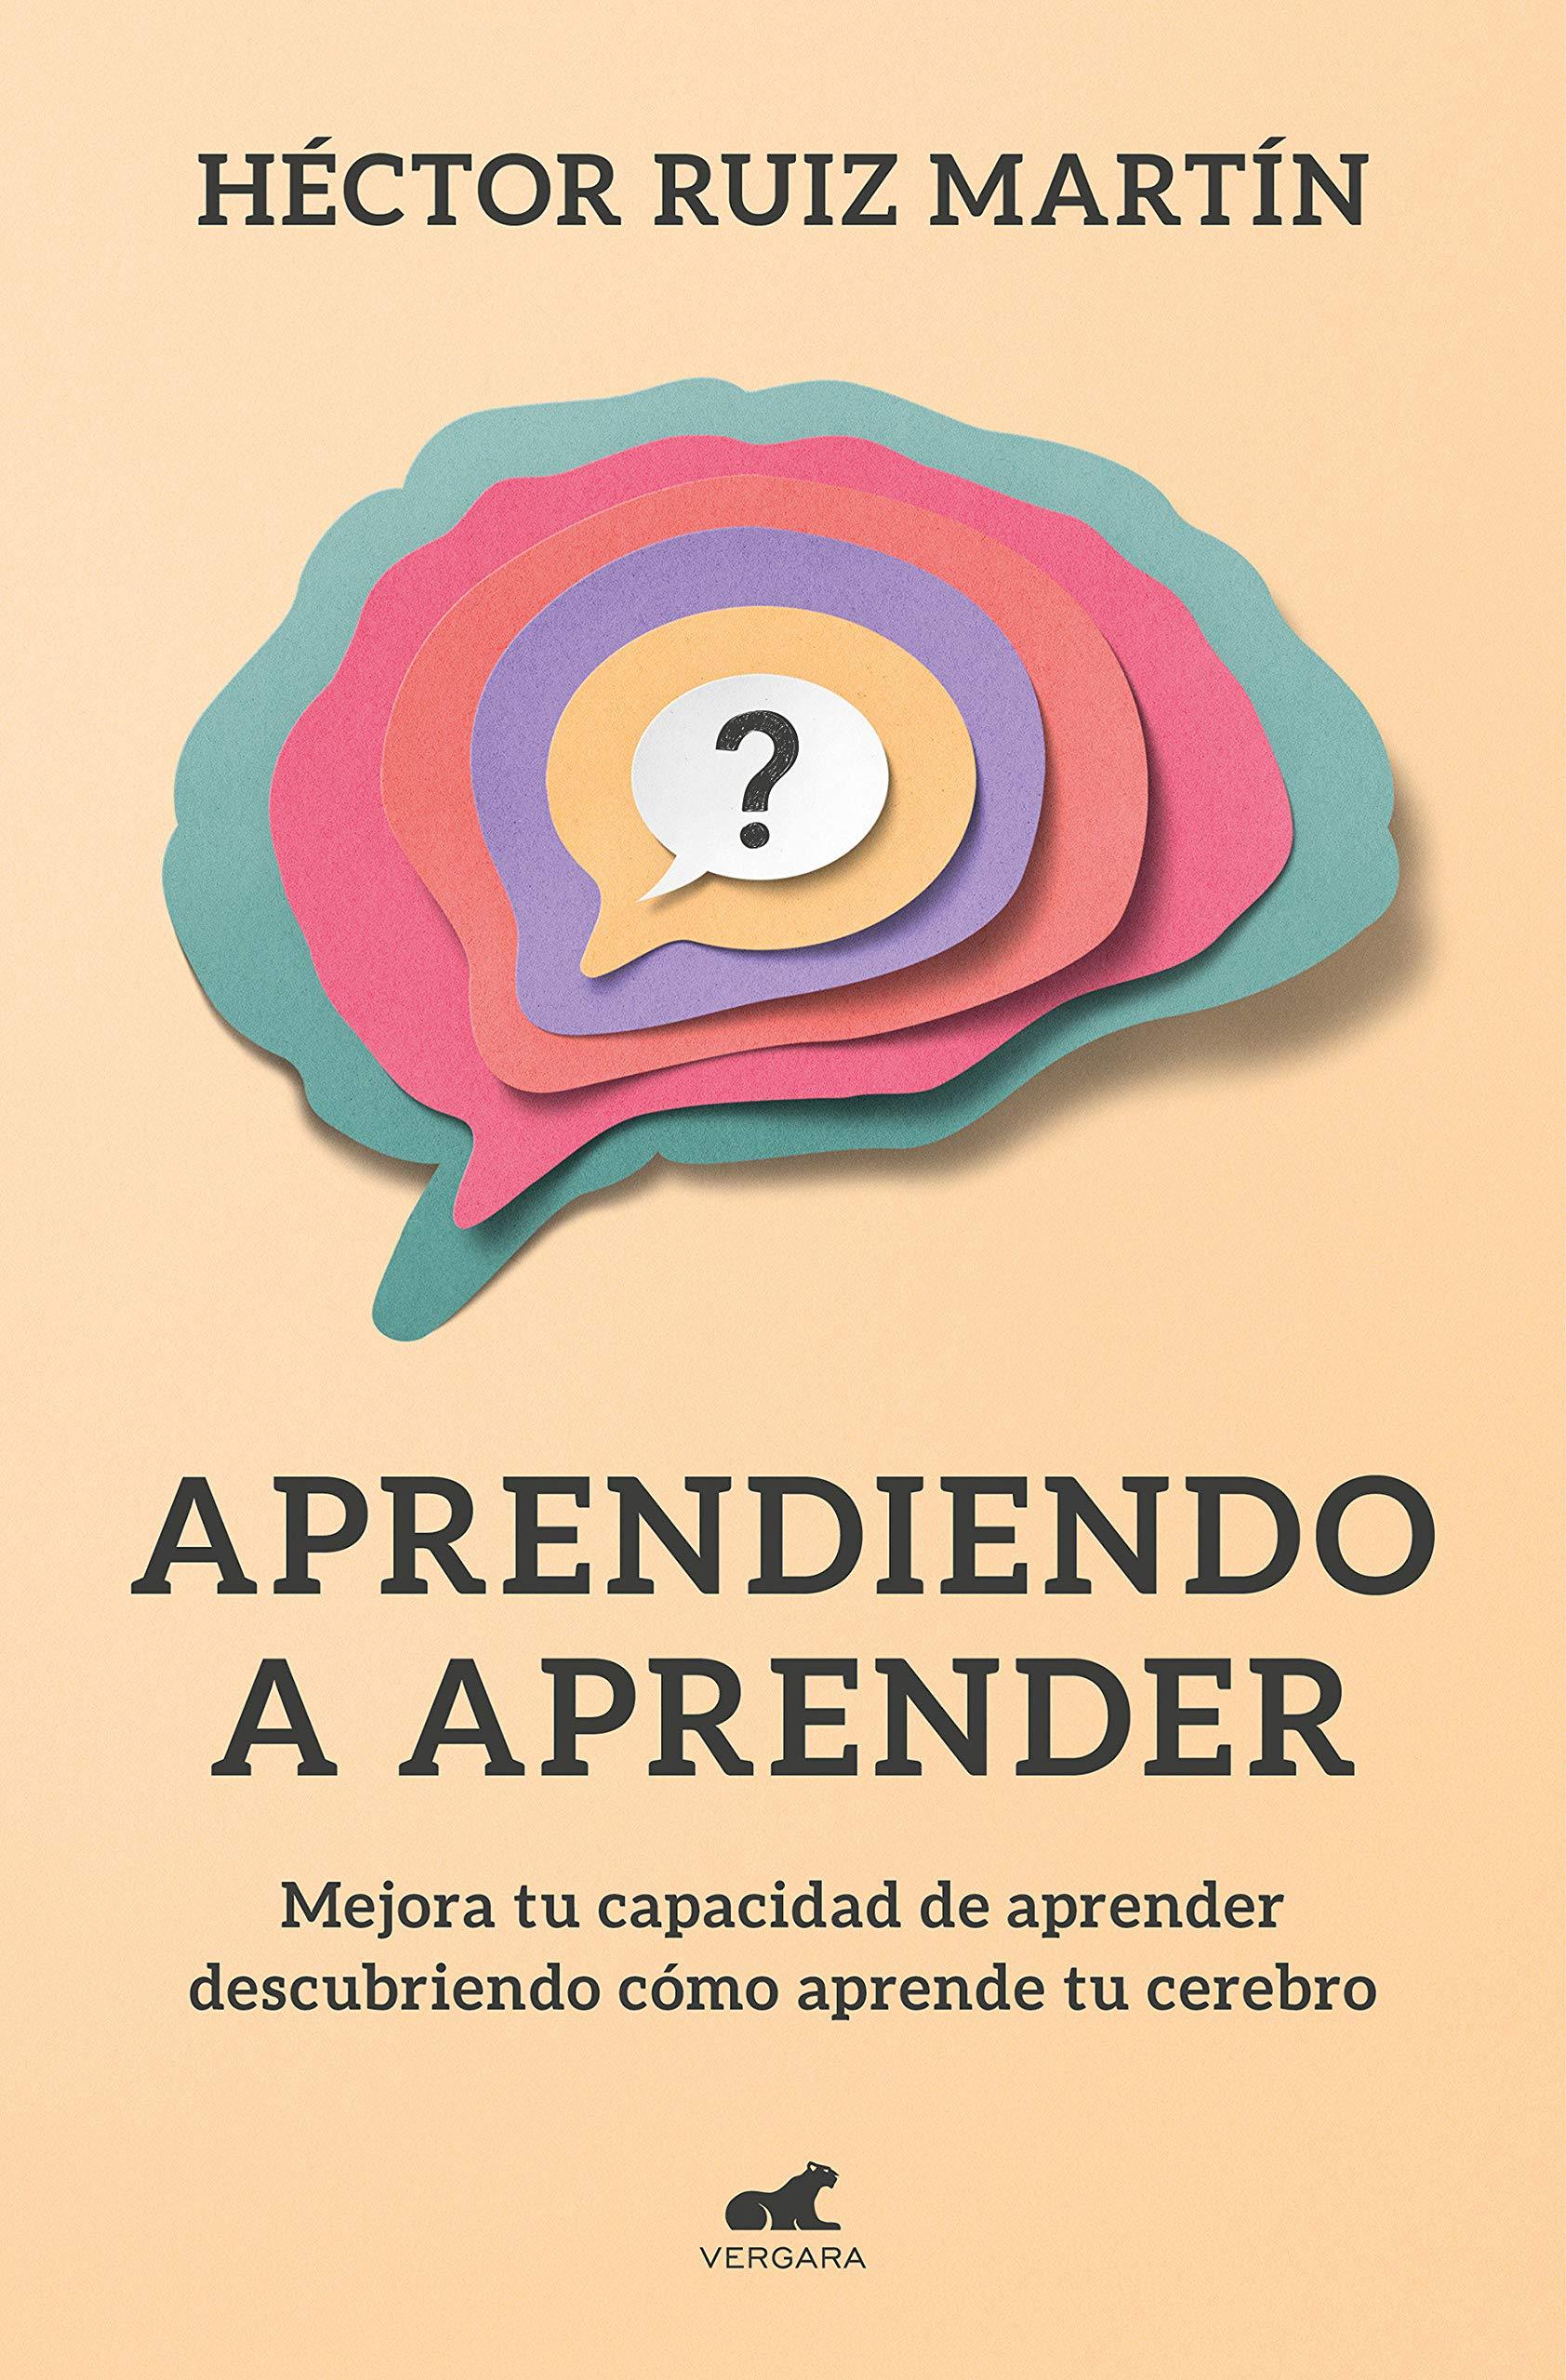 Aprendiendo a aprender: Mejora tu capacidad de aprender descubriendo cómo aprende el cerebro Libro práctico: Amazon.es: Ruiz Martín, Héctor: Libros